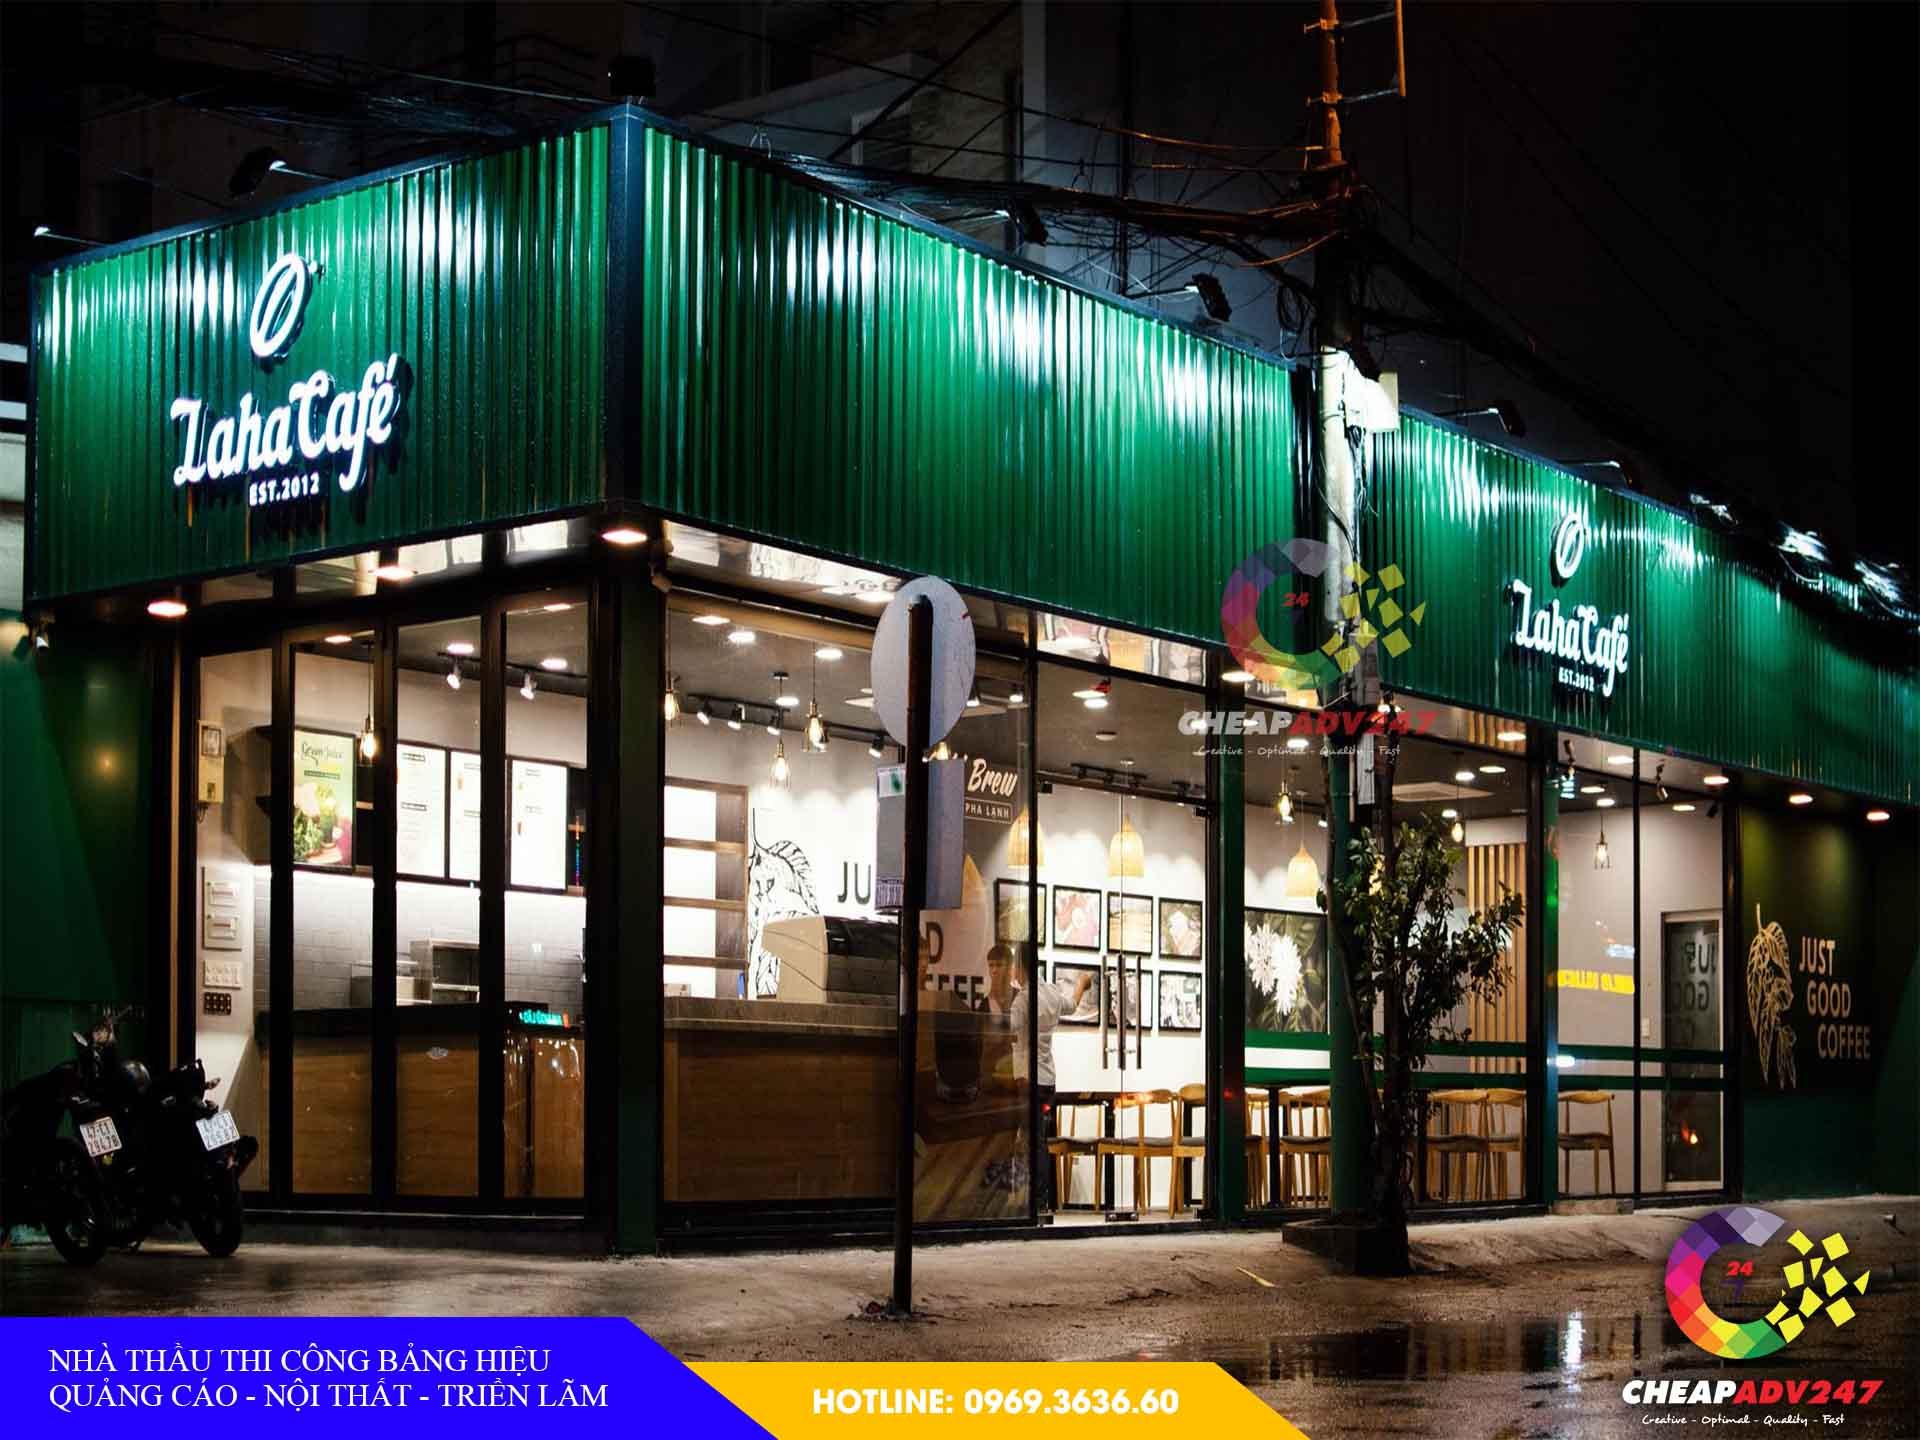 giá làm bảng hiệu quán cafe tại cheapadv247 - ảnh 3